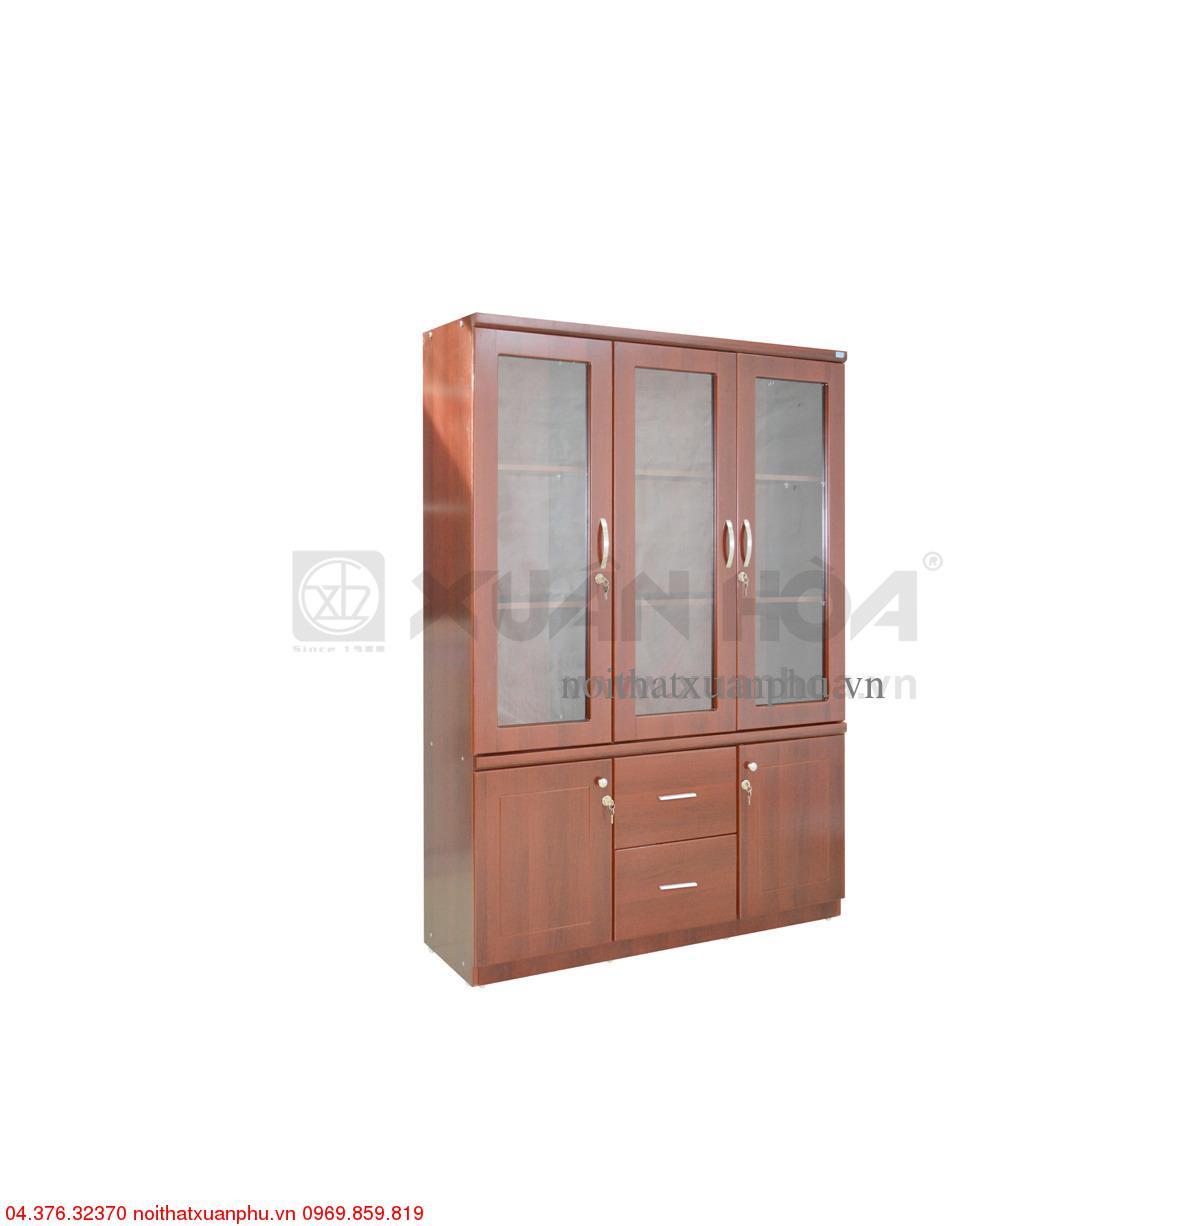 Hình ảnh sản phẩm Tủ gỗ sơn TGD-05-00PU